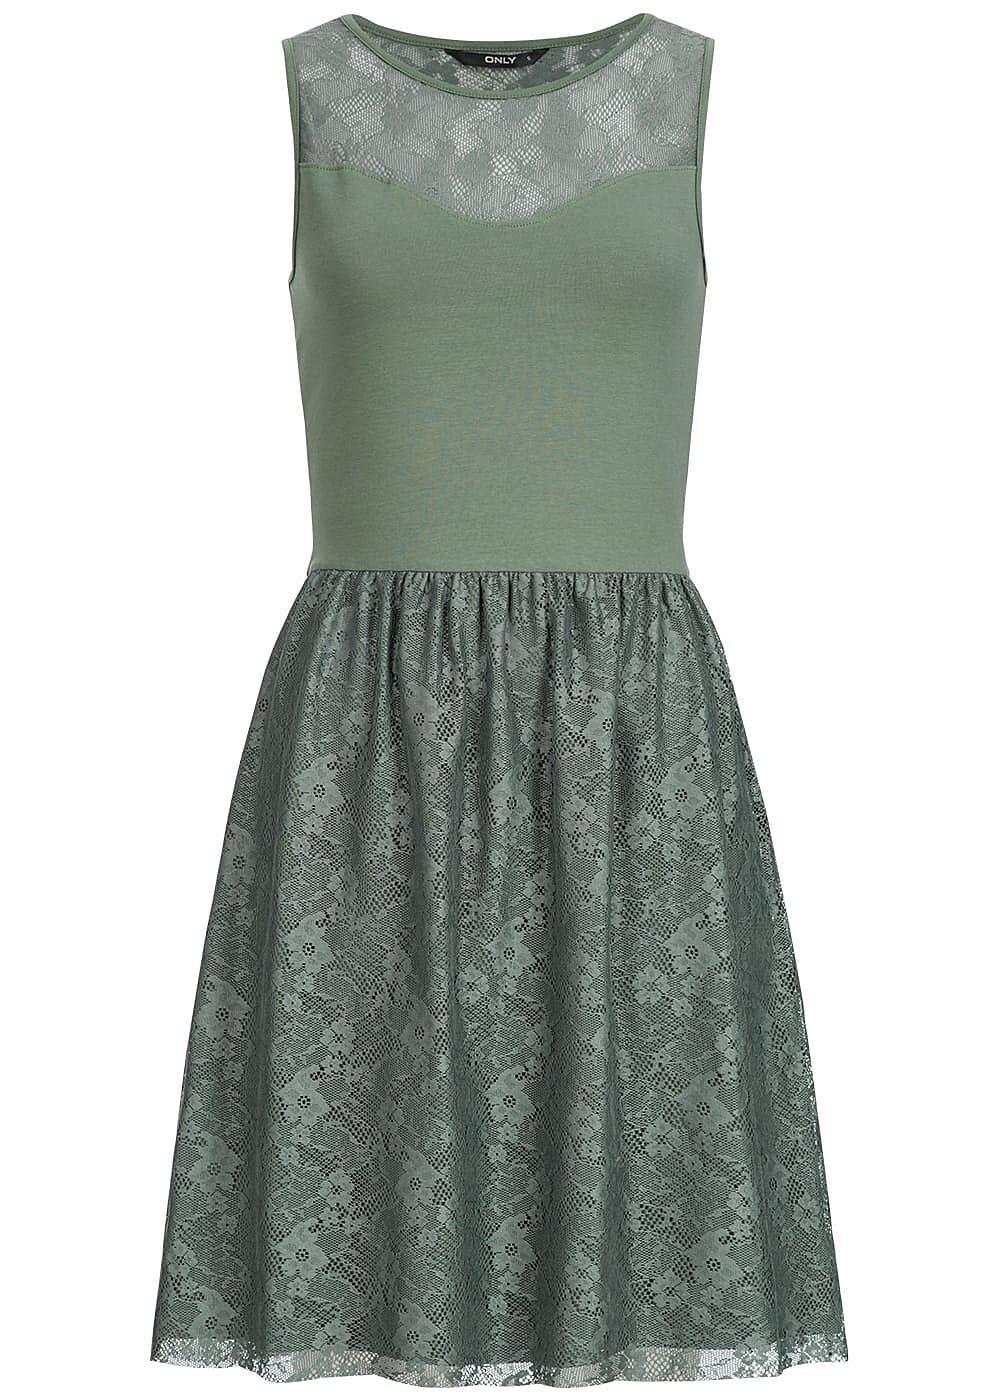 Wunderbar Kleid Spitze Grün Spezialgebiet10 Ausgezeichnet Kleid Spitze Grün Galerie